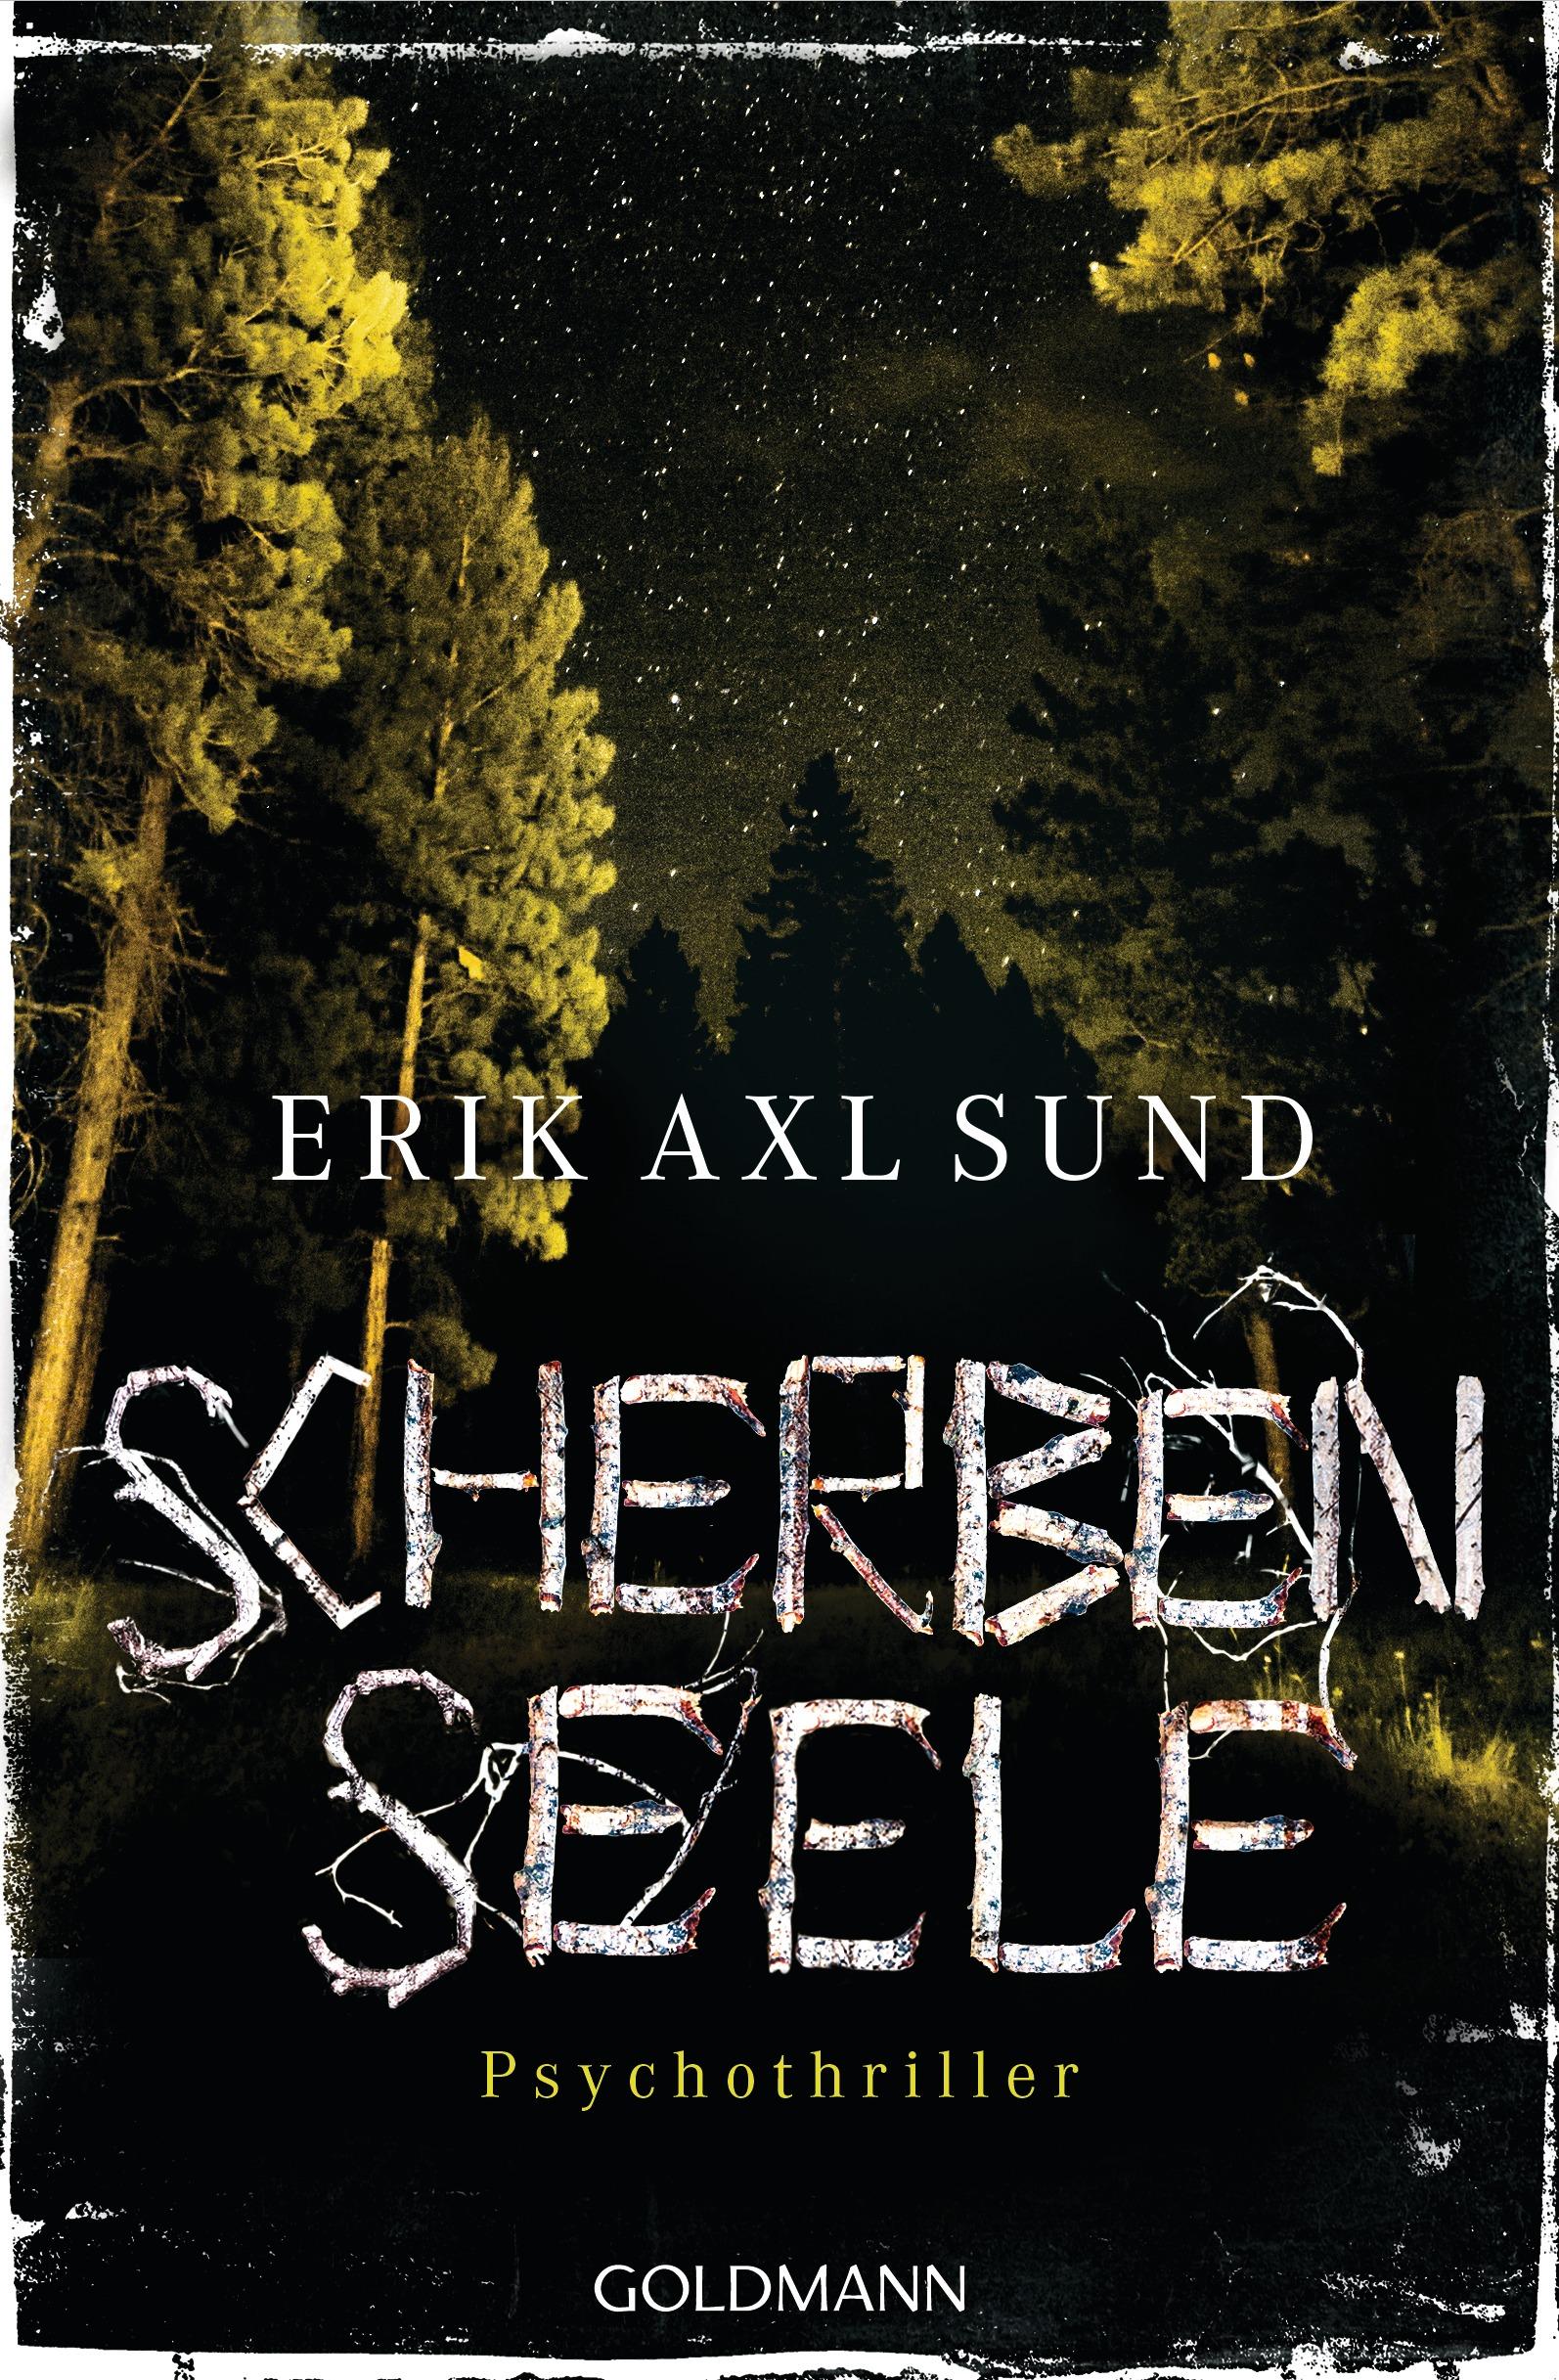 Scherbenseele - Erik Axl Sund